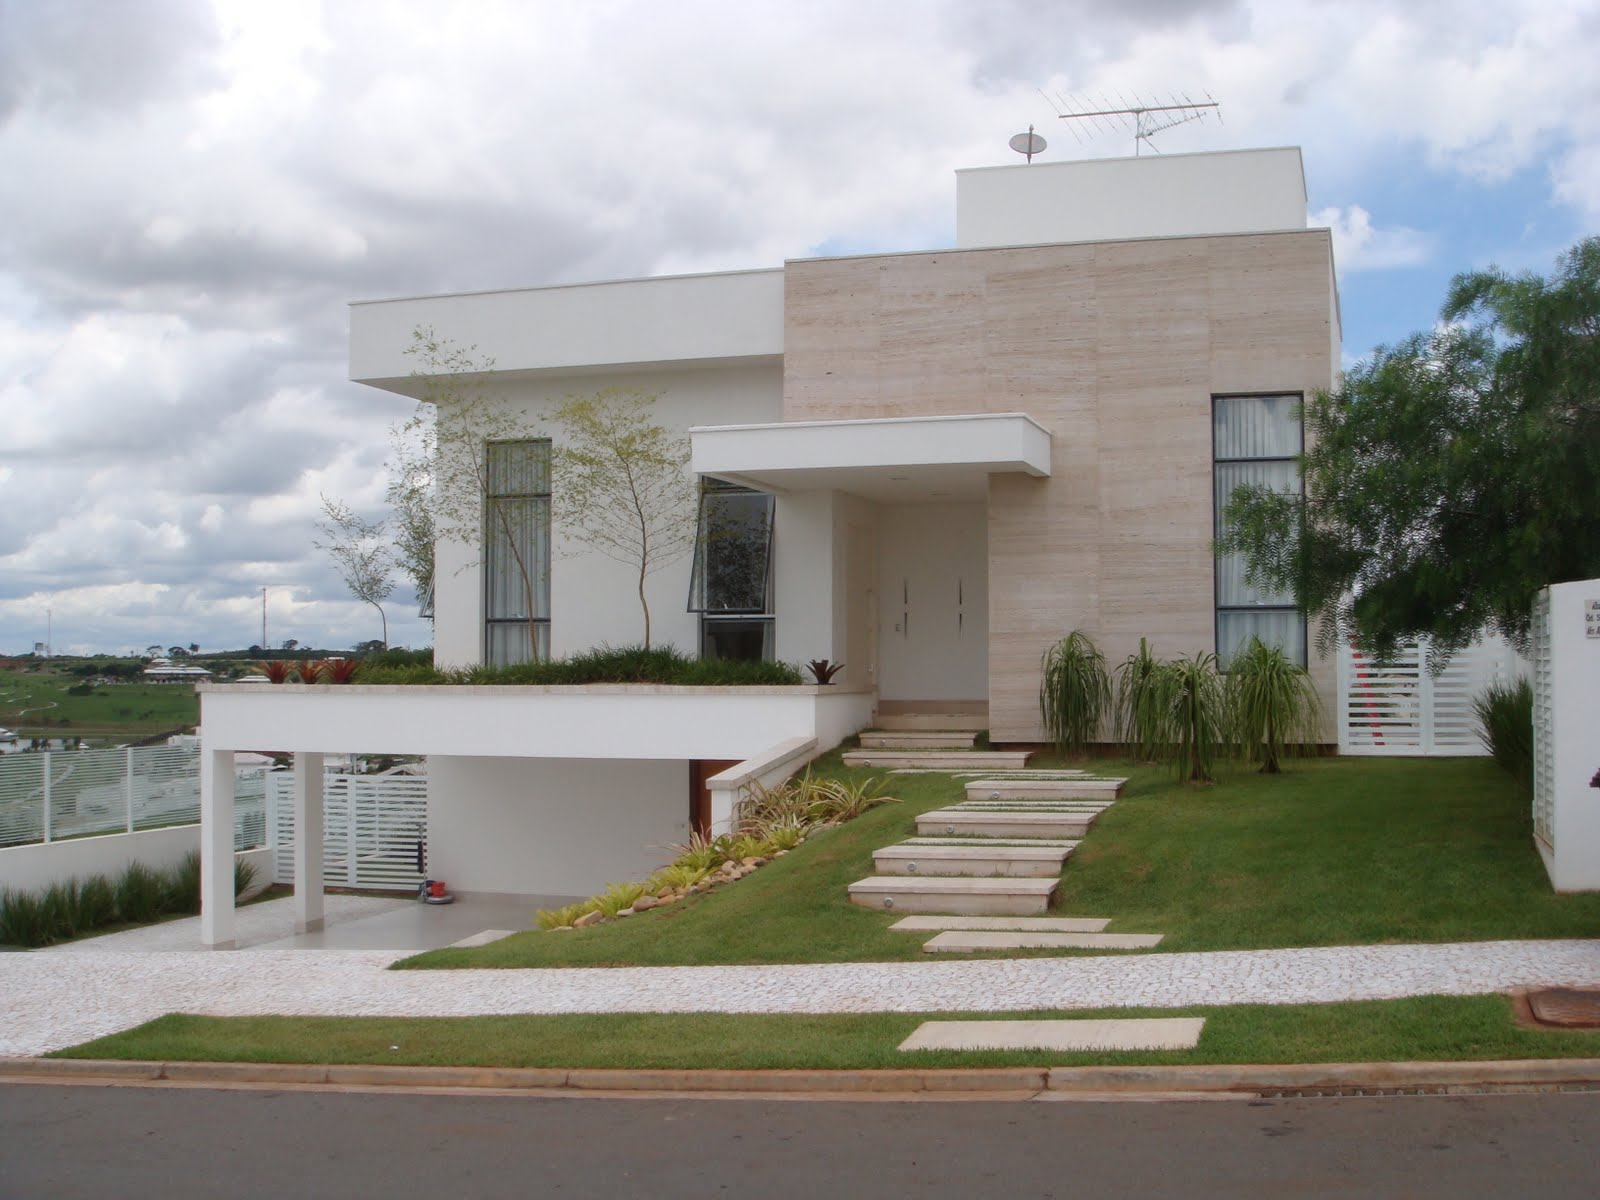 Casa brasileira com revestimento na fachada